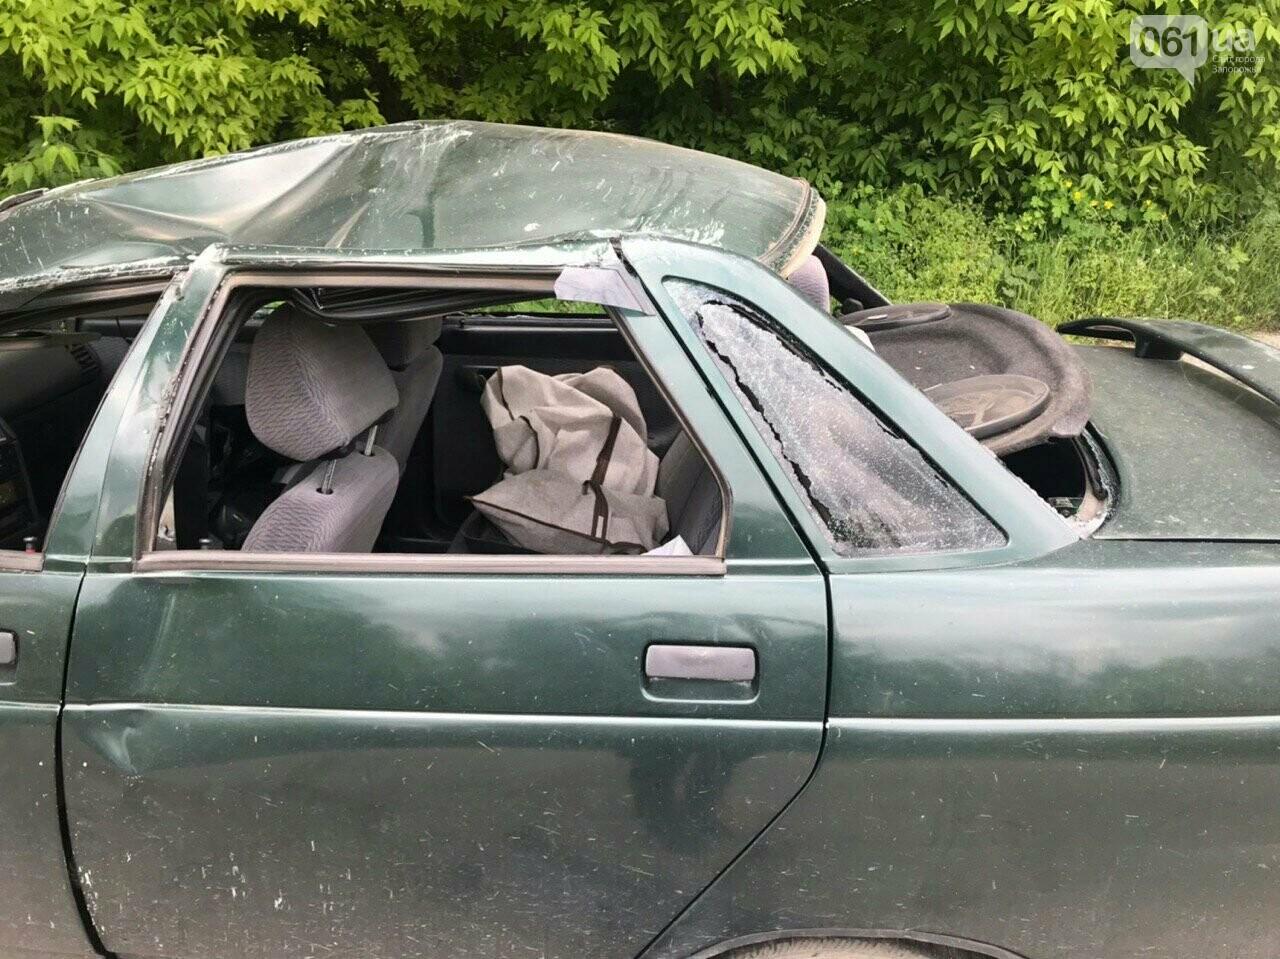 ДТП на Юбилейной в Запорожье: машина дважды перевернулась в воздухе - в ней были дети, - ВИДЕО, ФОТО, фото-1